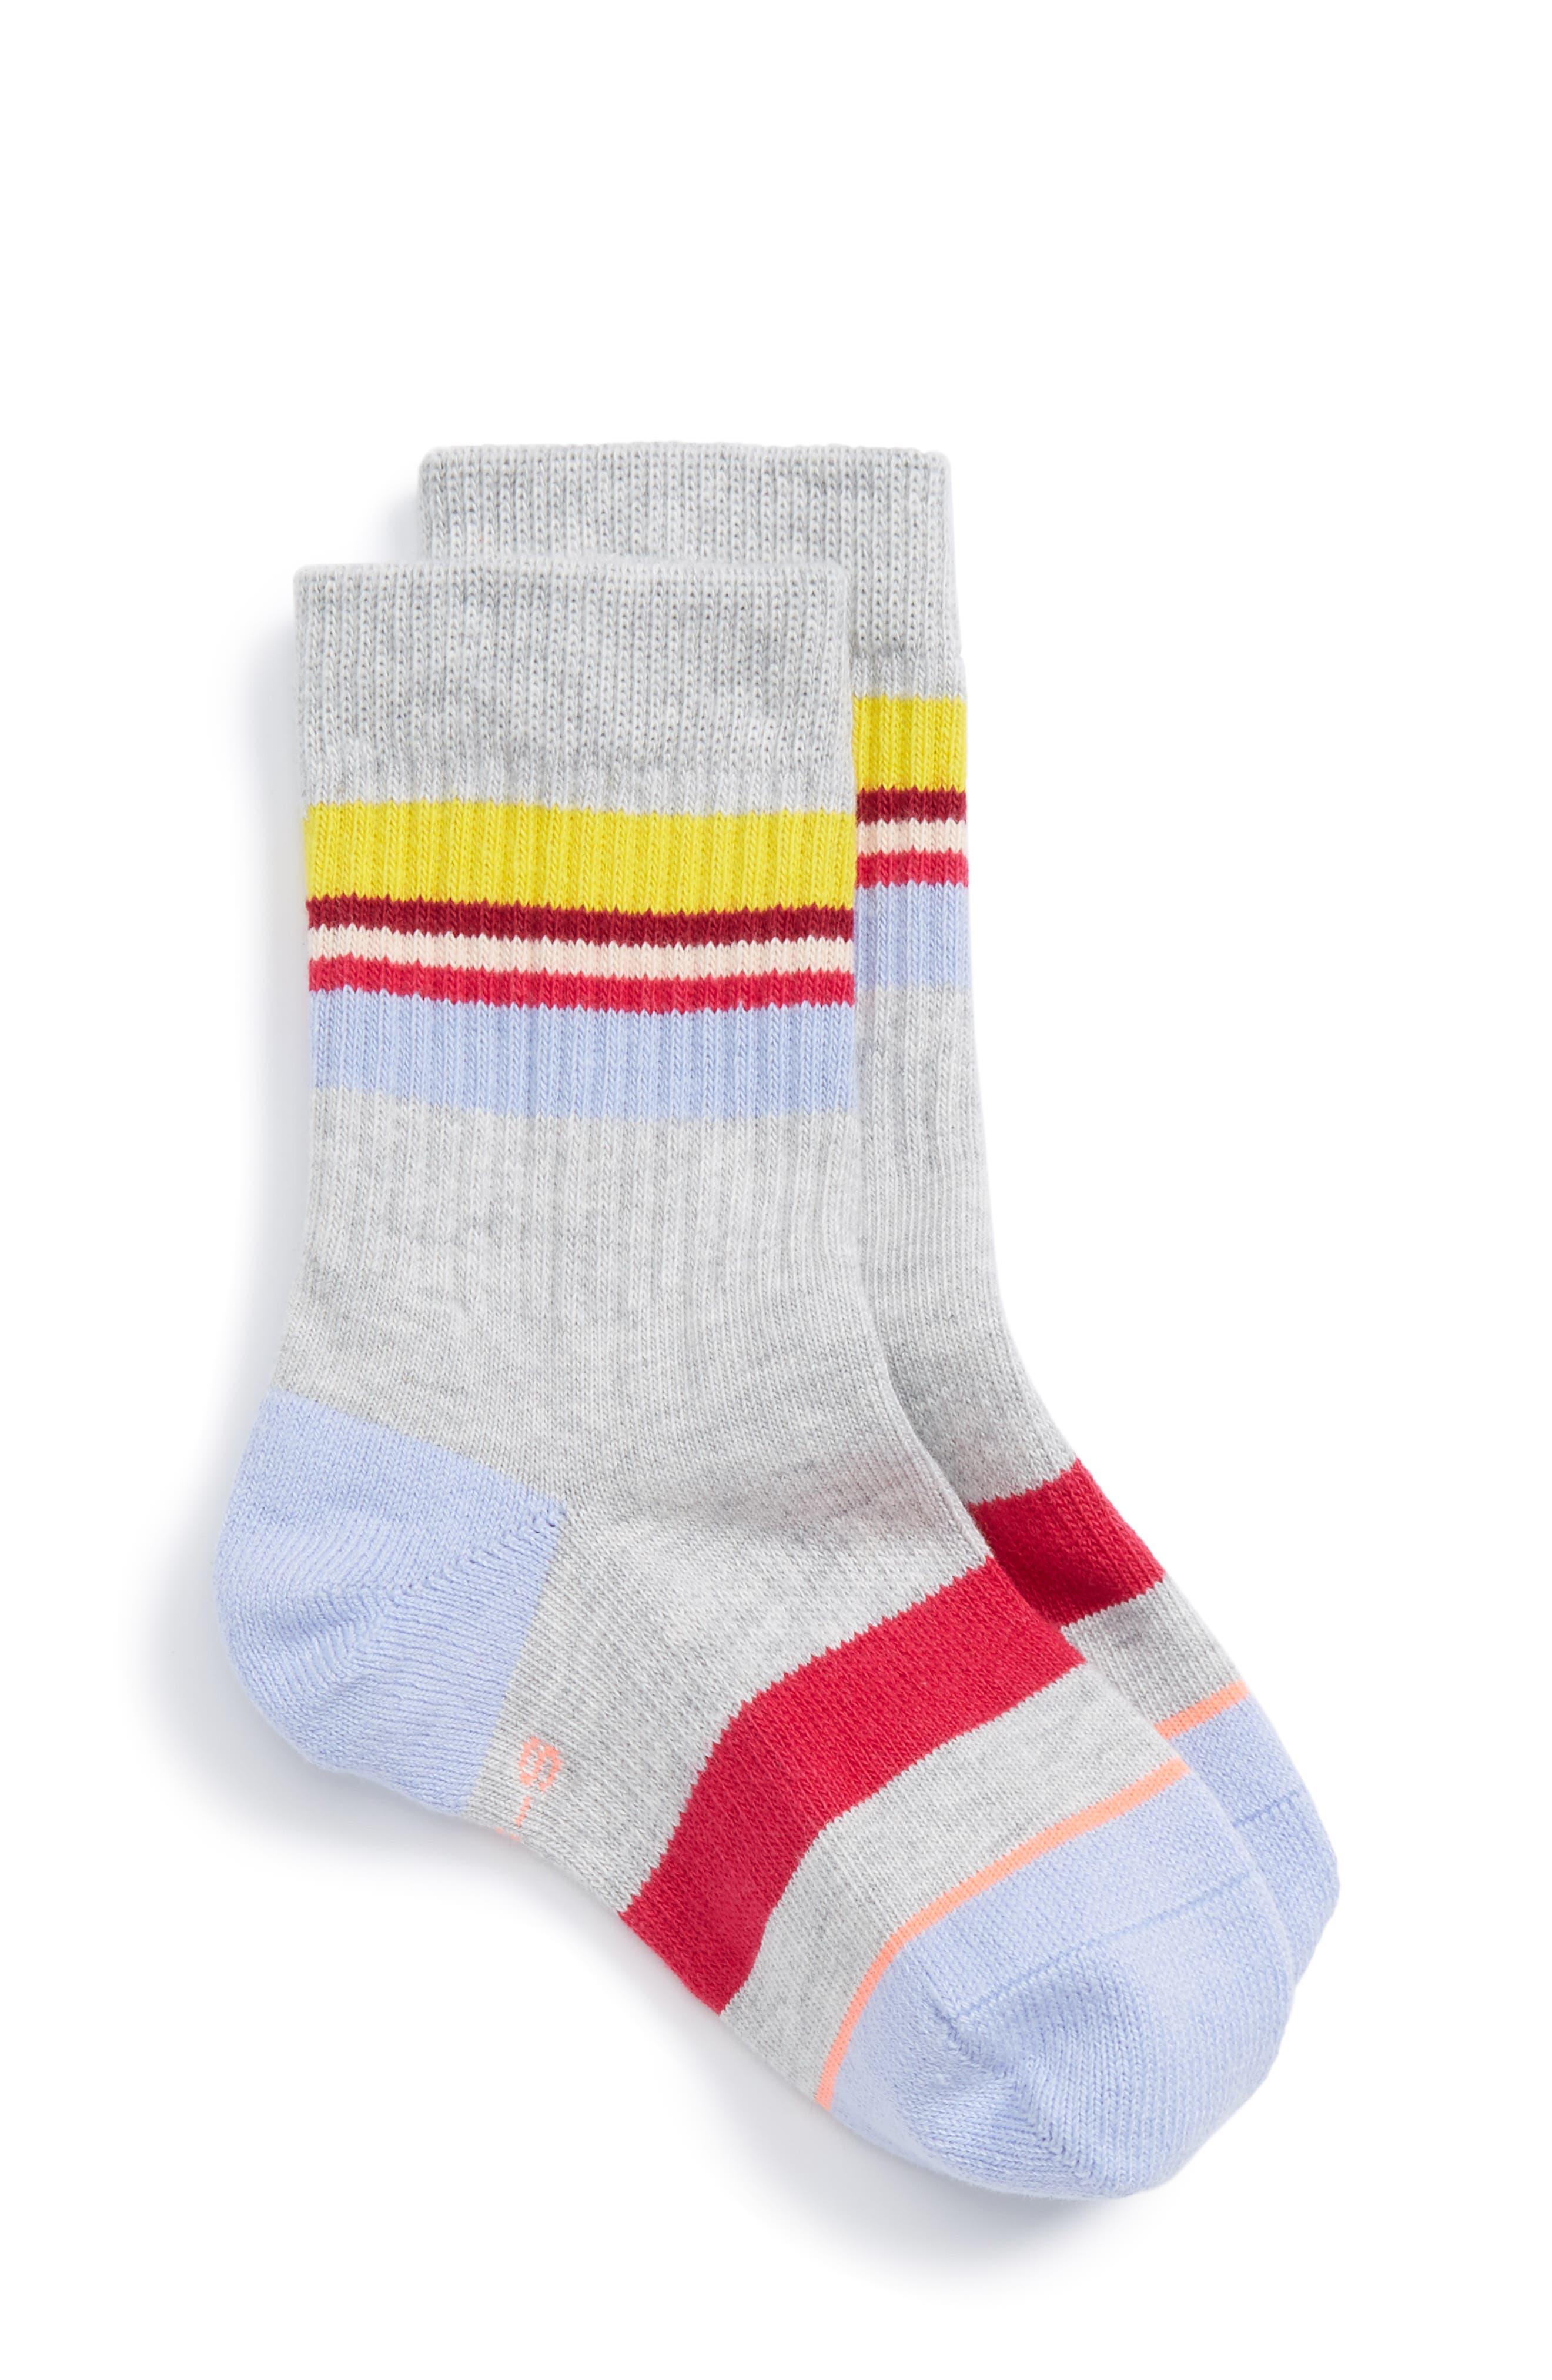 Alternate Image 1 Selected - Stance Jiggy Striped Socks (Toddler & Little Kid)